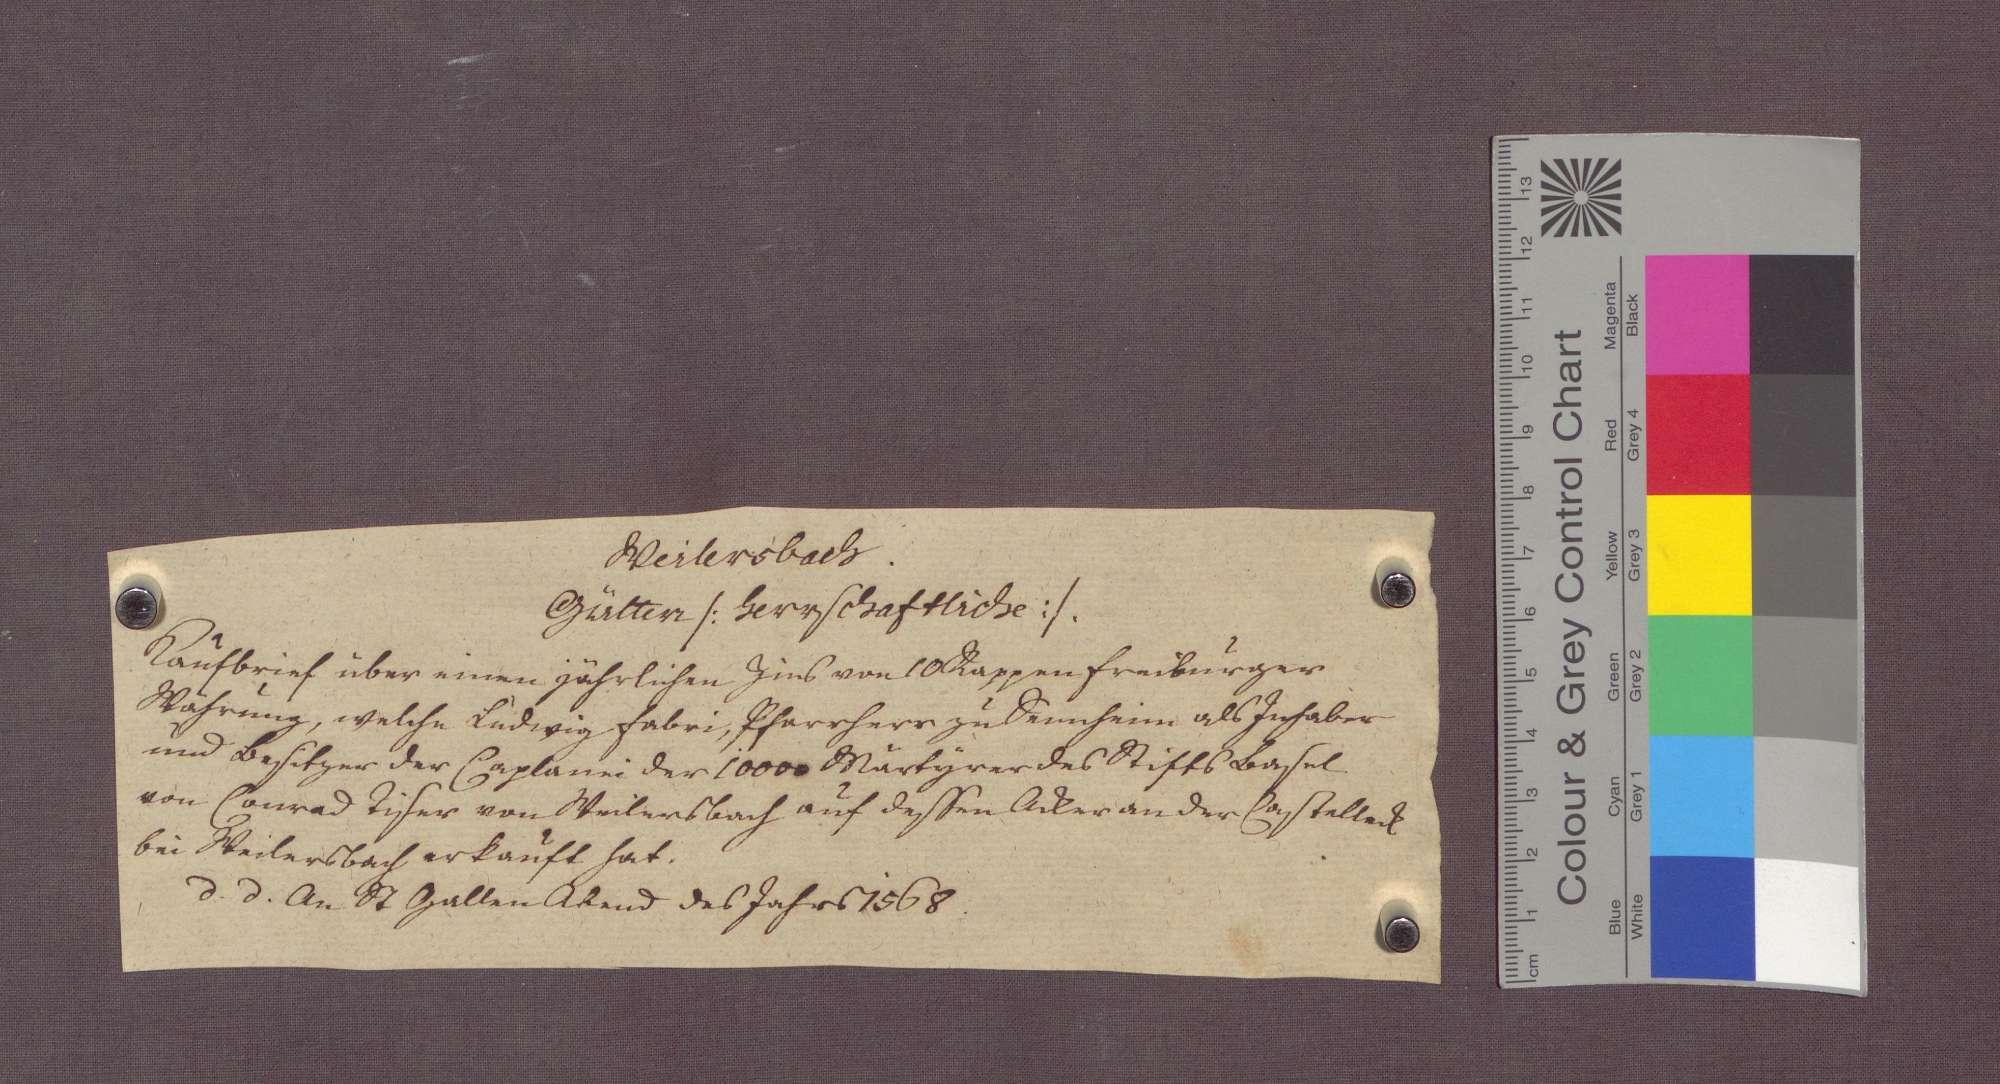 Gültverschreibung des Konrad Tiser zu Weilersbach gegenüber der 10.000 Märtyrer-Pfründe am Basler Domstift., Bild 3